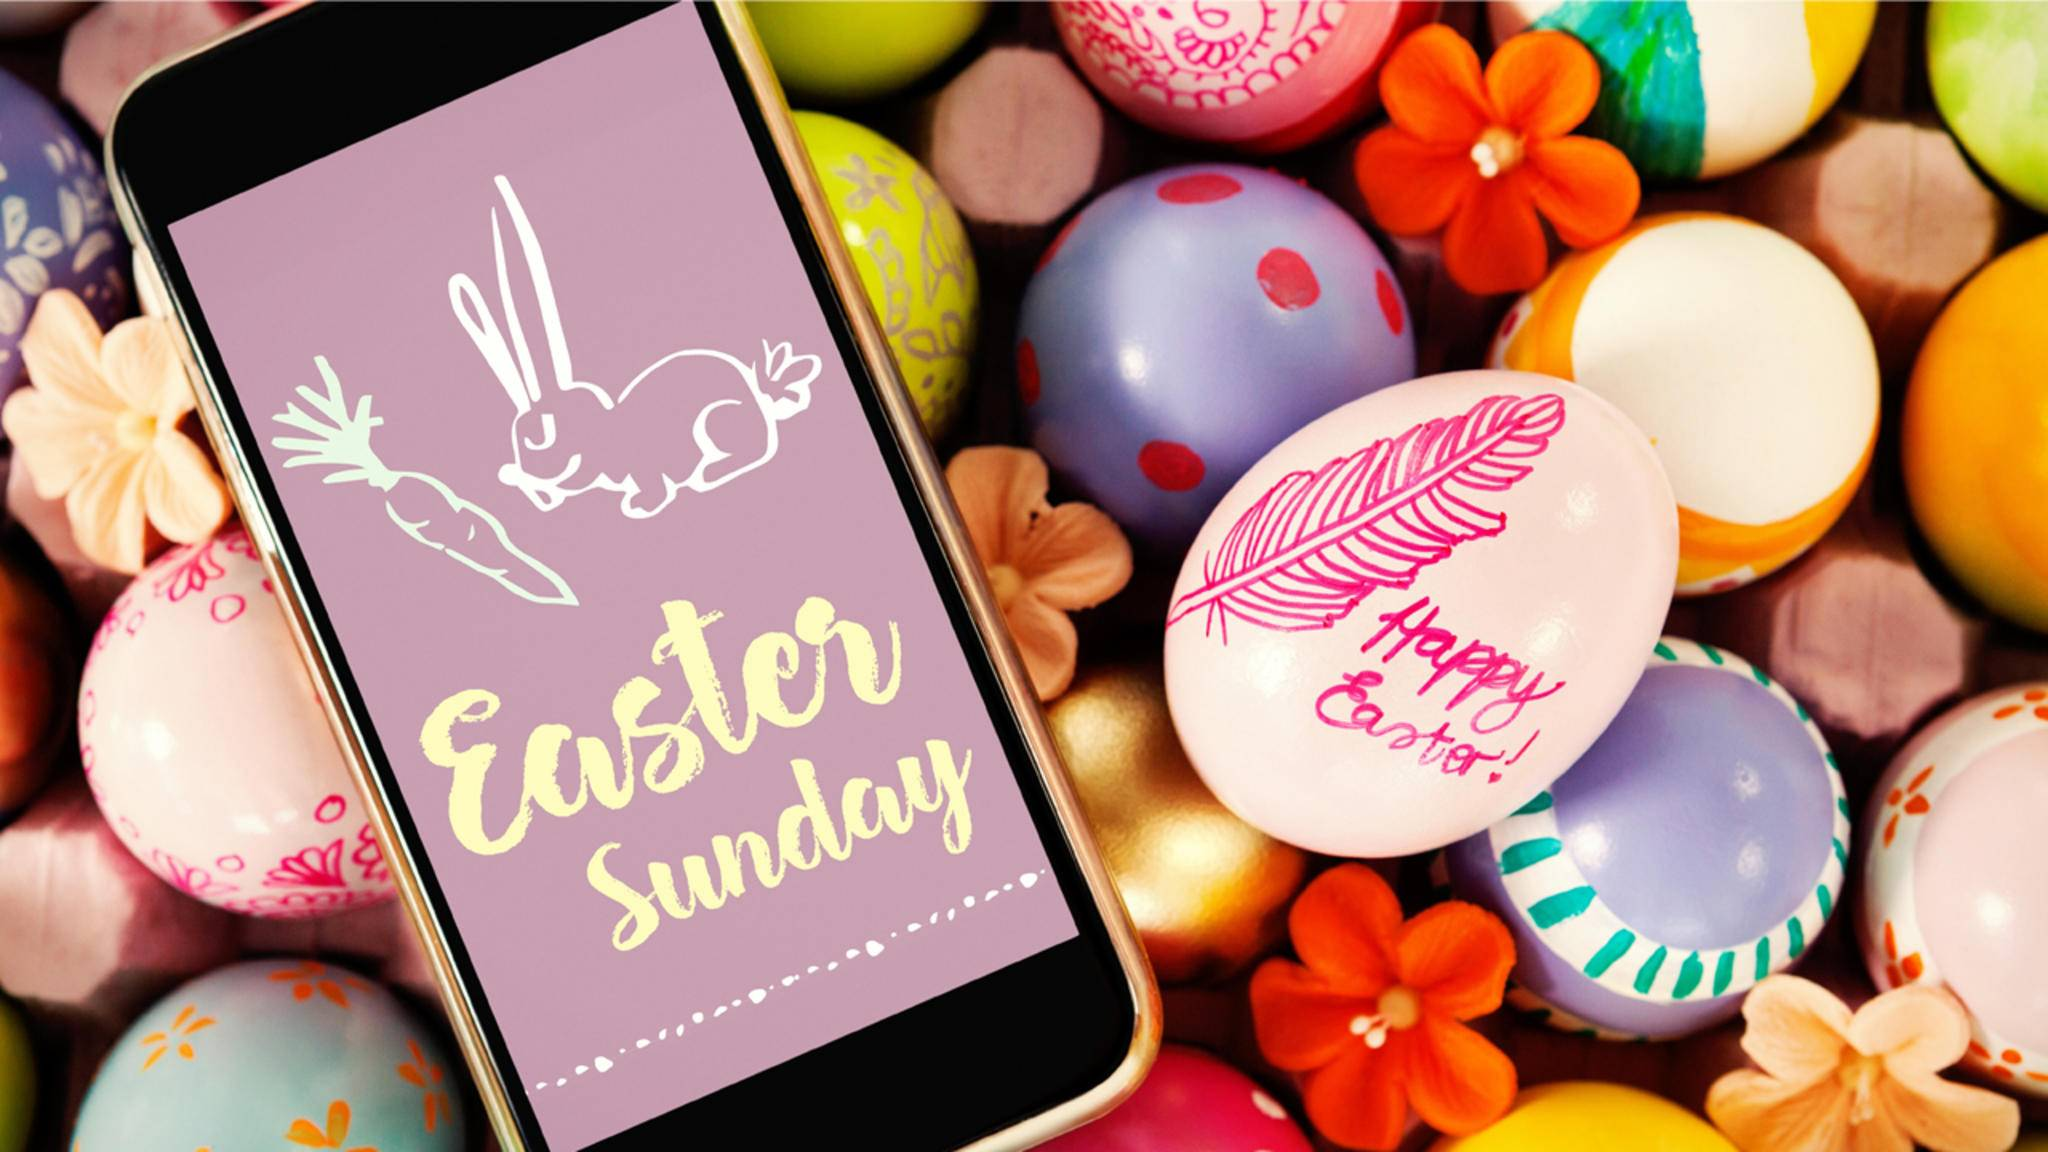 Wünsche Deinen Freunden frohe Ostern mit lustigen Bilder, Sprüchen oder Videos bei WhatsApp.